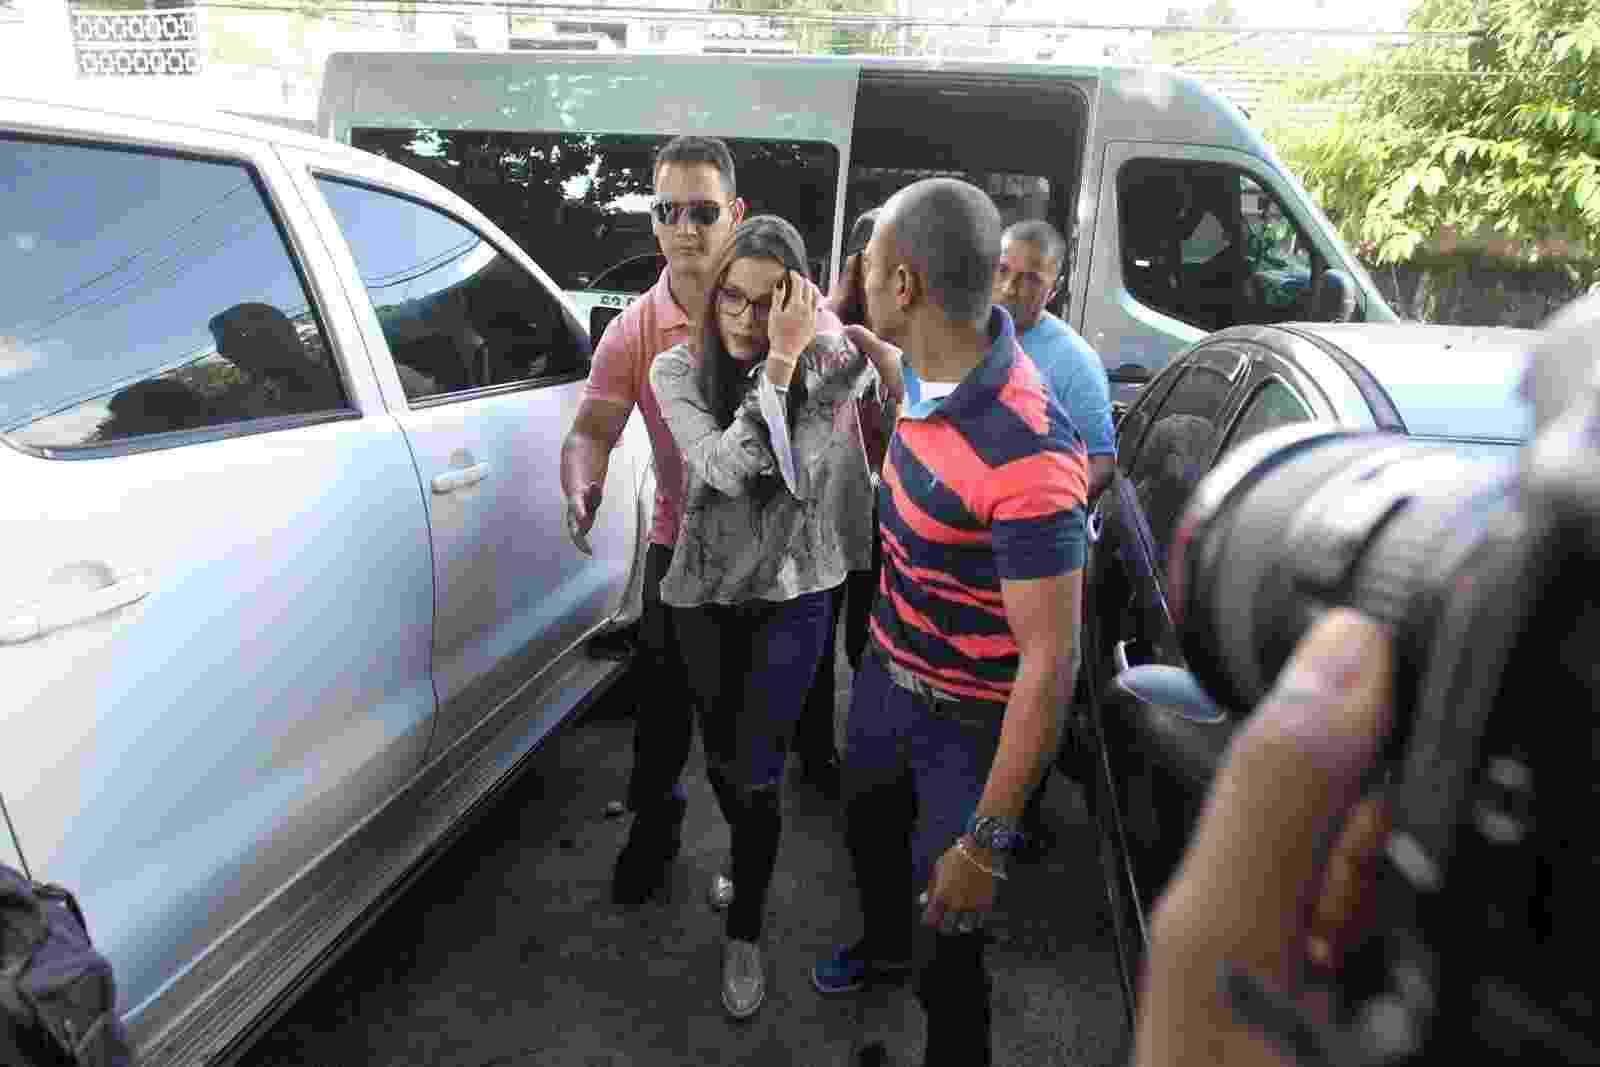 Emilly chega à delegacia da mulher, no Rio, onde prestará depoimento - Marcello Sá Barreto / Ag News